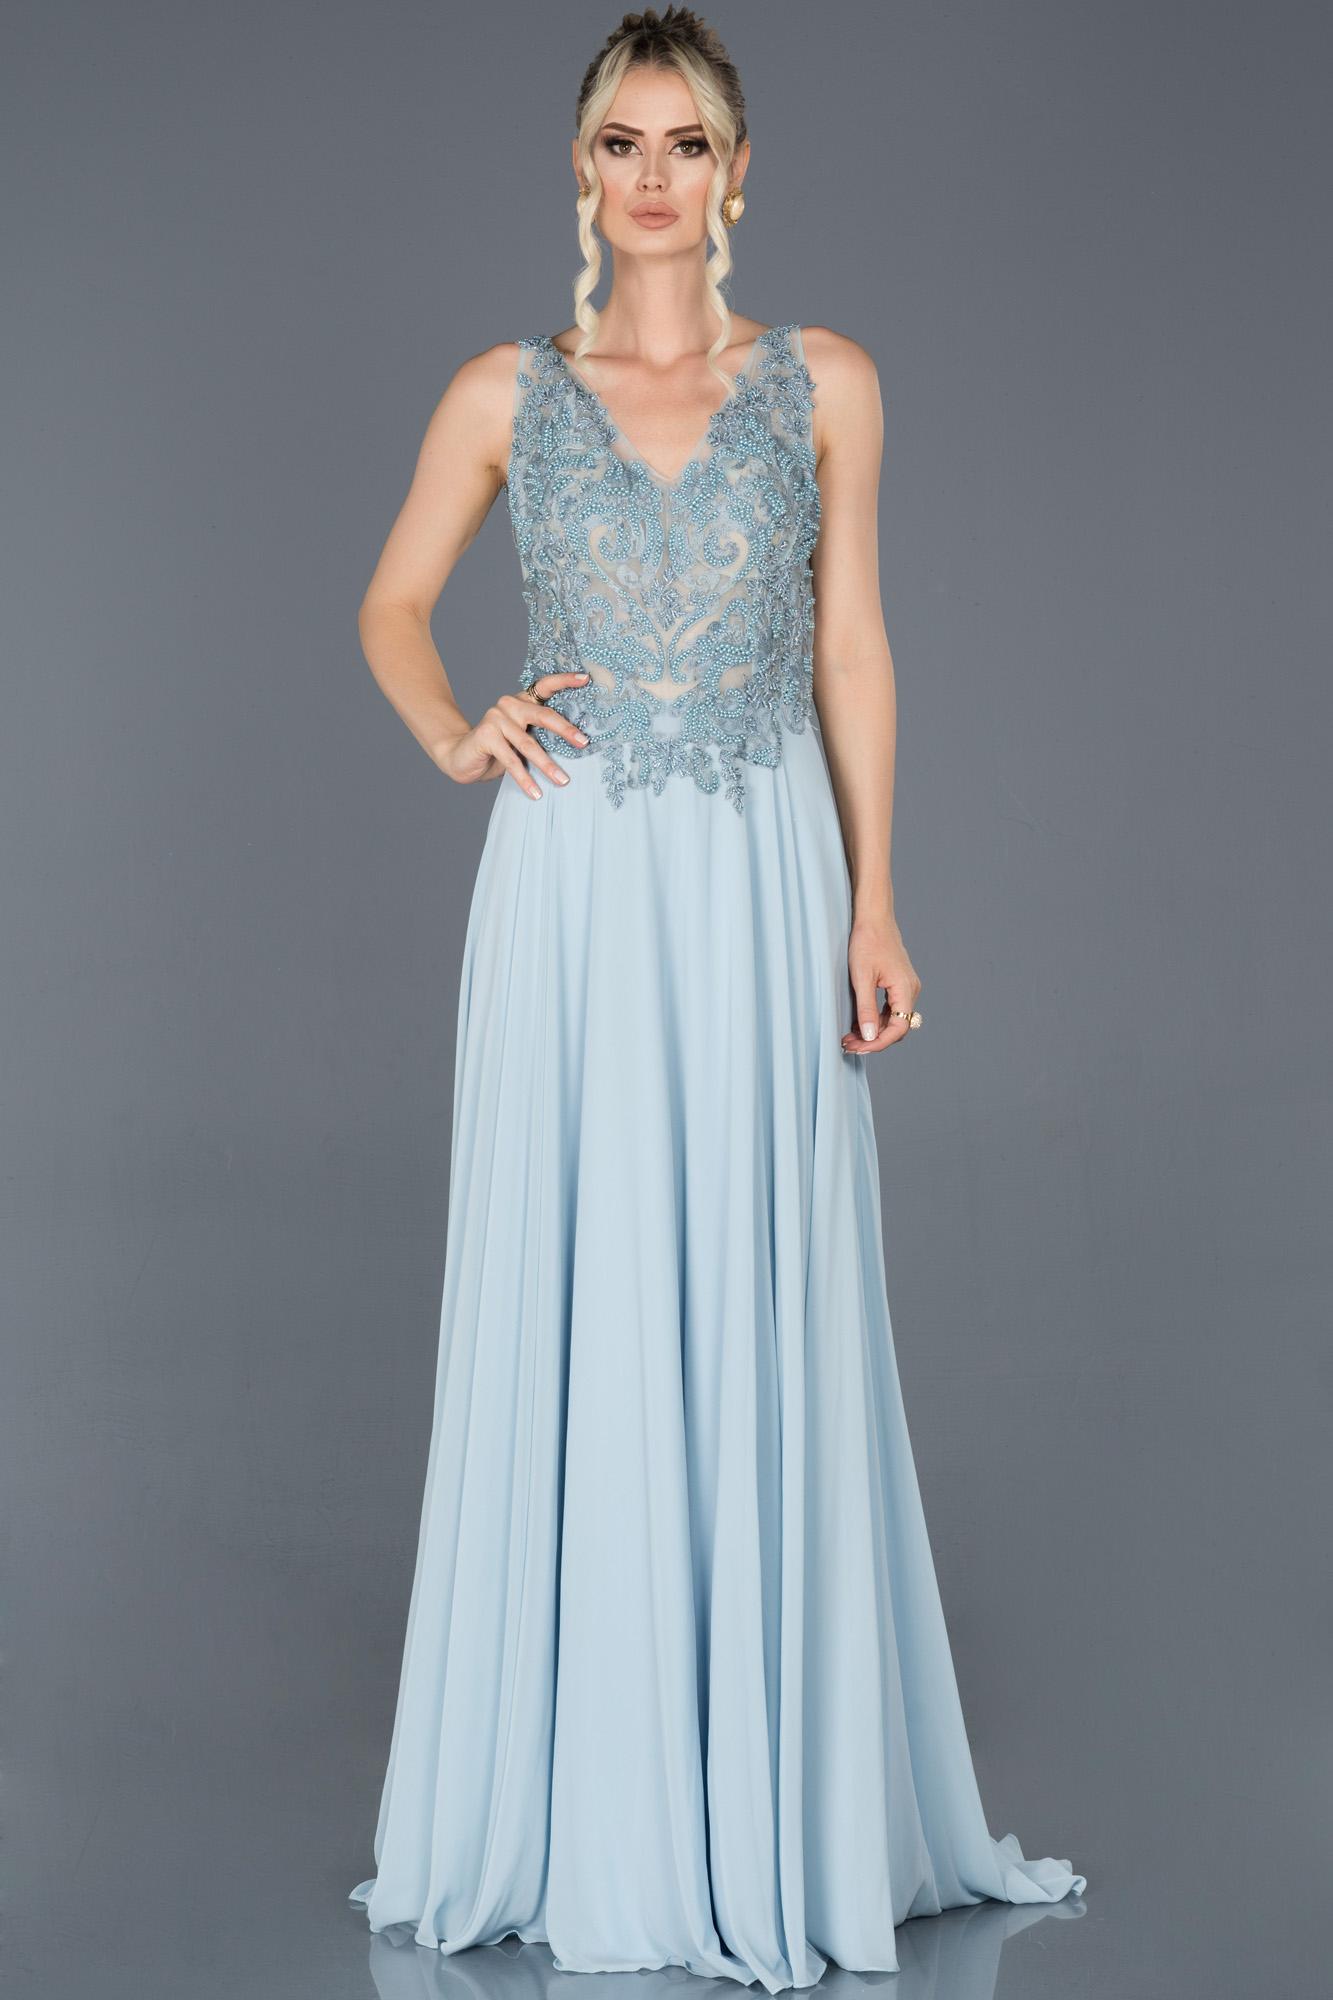 Mavi Uzun Sırt Dekolteli Taşlı Nişan Elbisesi